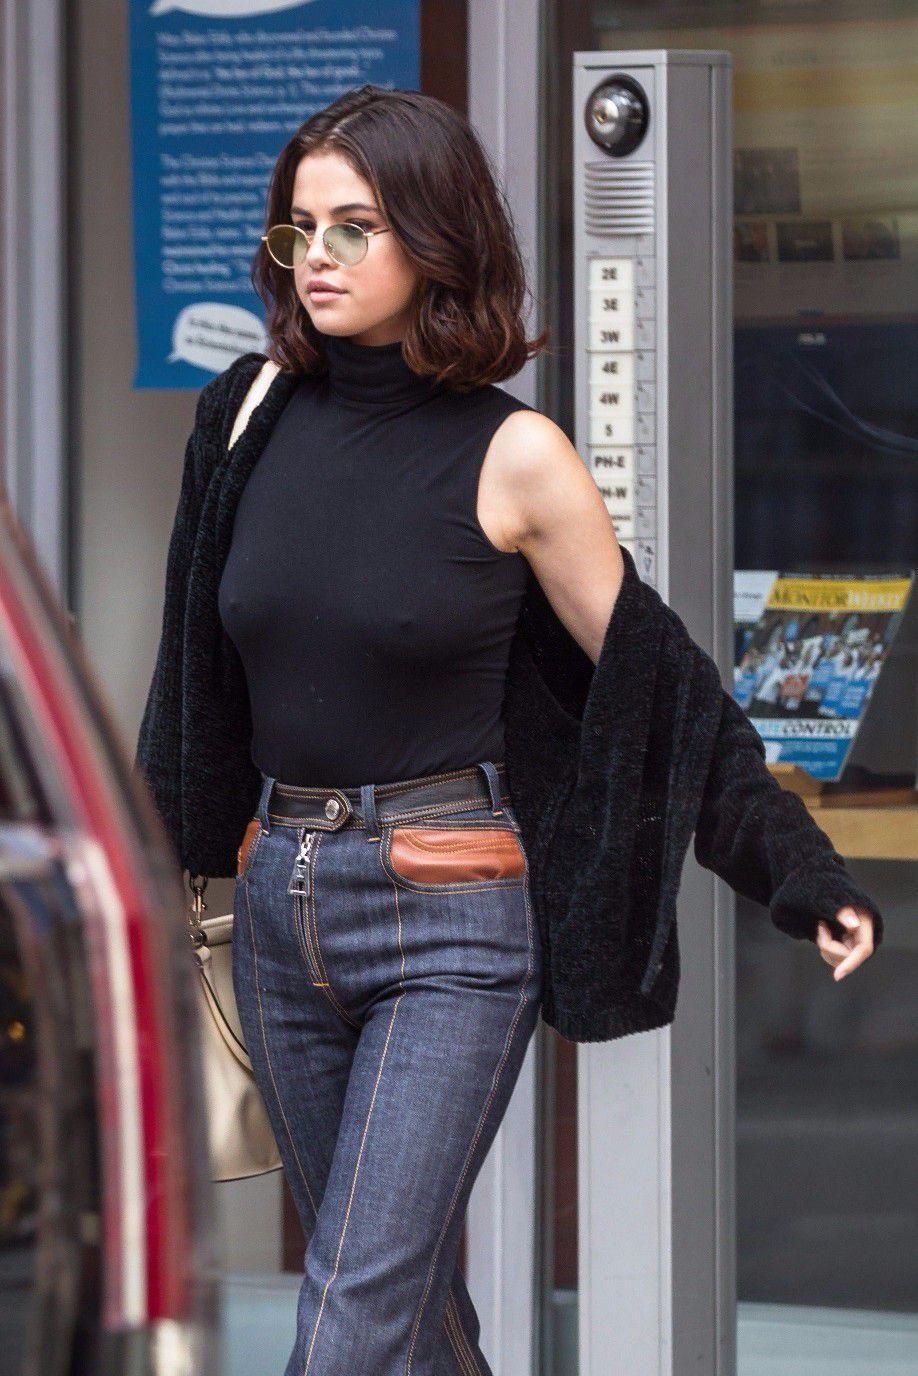 selena-gomez-braless-pokies-hard-nipples-in-new-york-6956